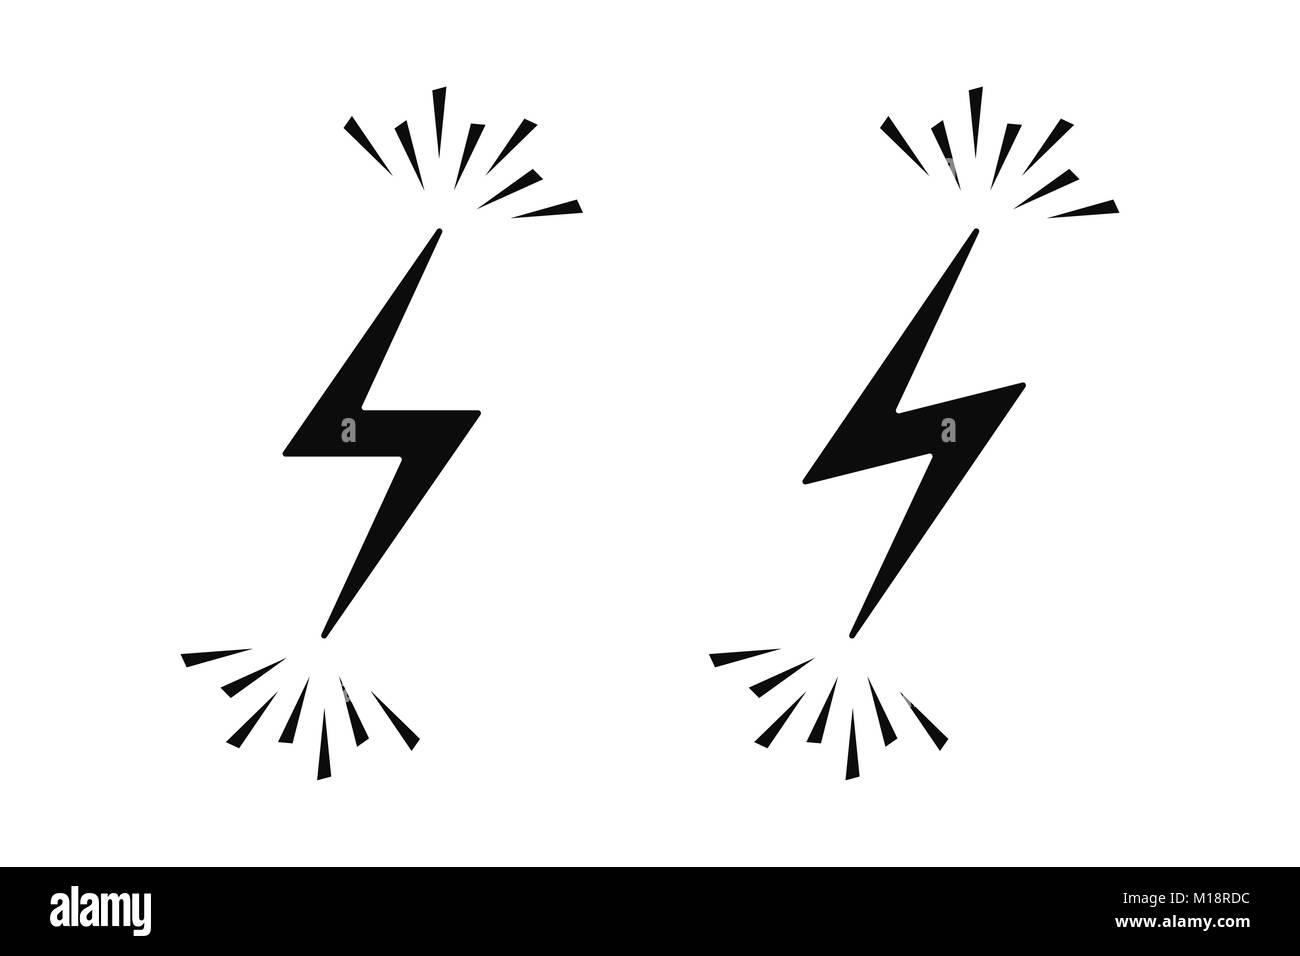 Berühmt Symbole Die In Elektrischen Zeichnungen Verwendet Werden ...